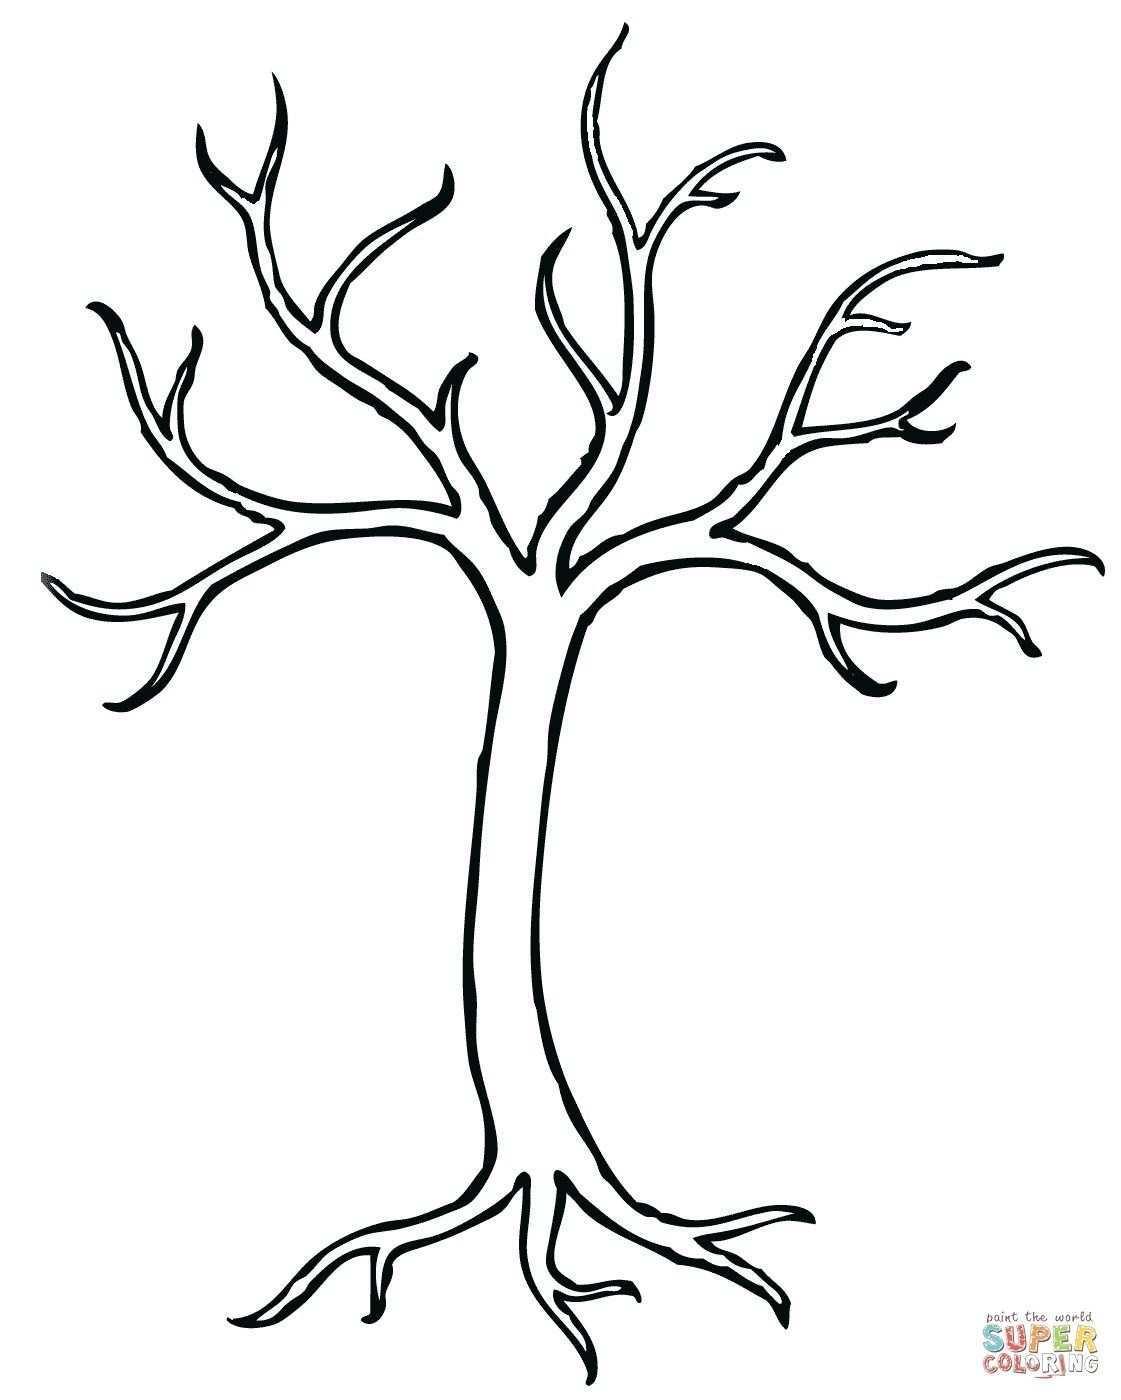 Malvorlagen Baum In 2020 Baum Vorlage Malvorlagen Vorlagen